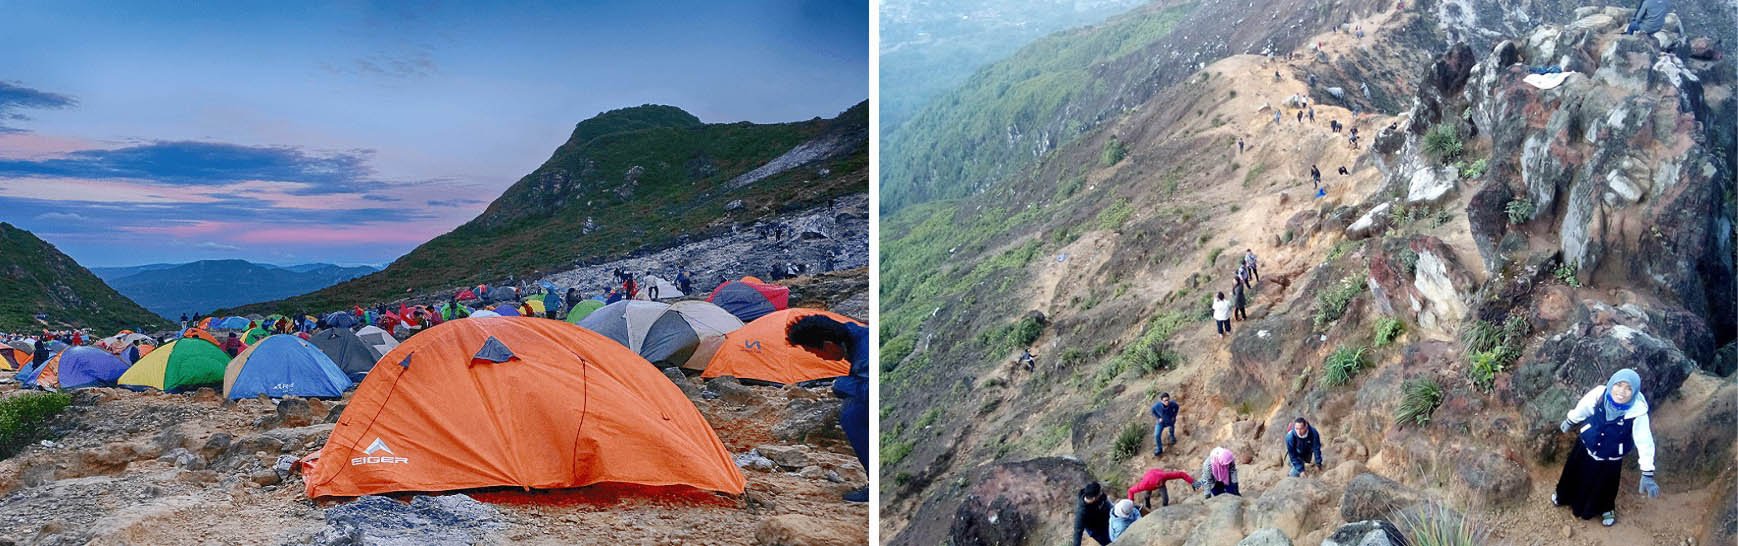 Eksplorasi Gunung Sibayak 7 Potret Dan Pemandangan Tiada Duanya Karo Gaul